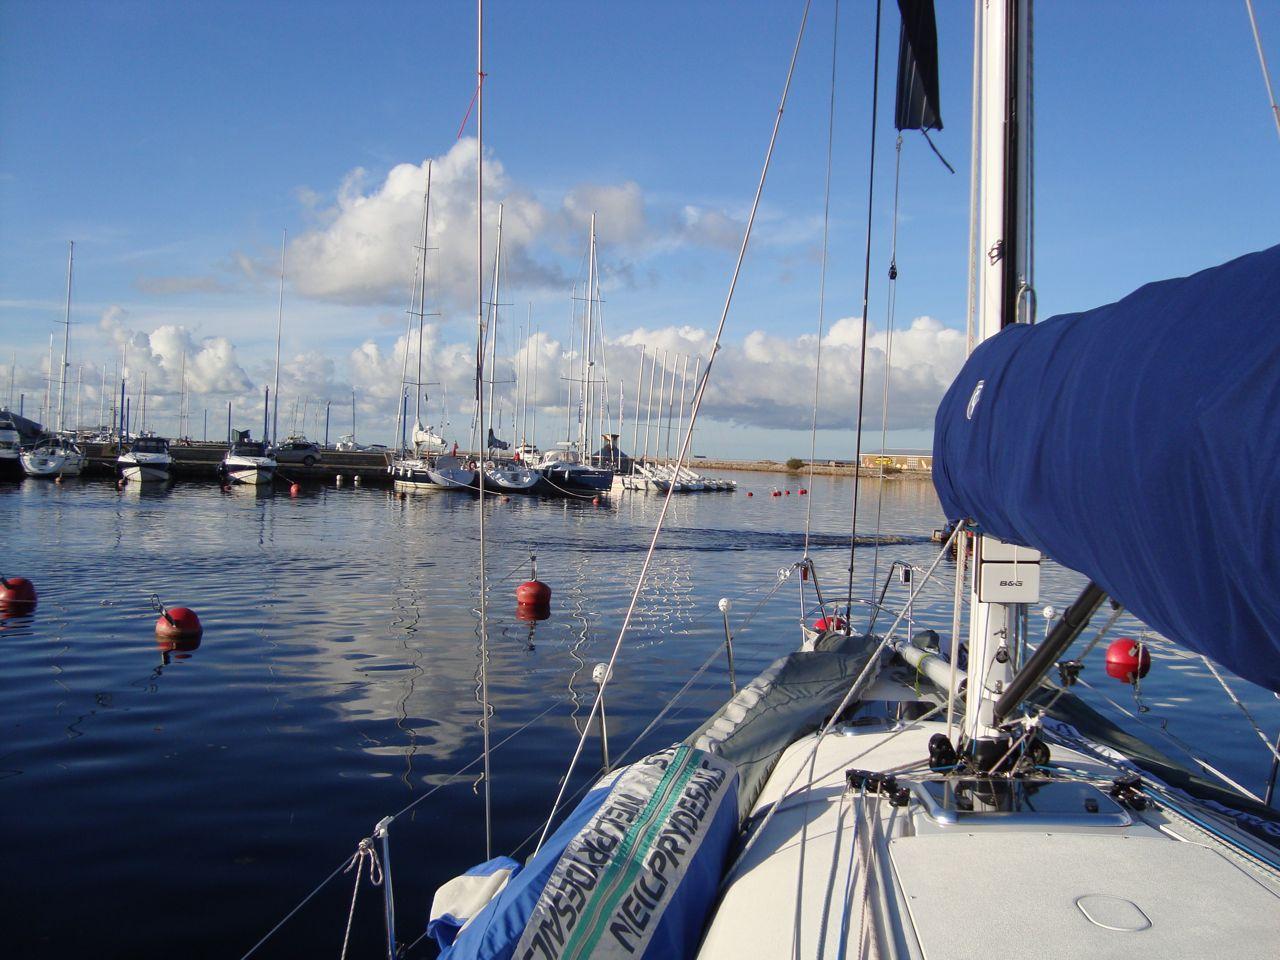 0b74ea0e9f4 Sadamasse kogunenud purjetajad olid äraootavl seisukohal ja enamik arvas,  et võistlus jääb ära. Aga nagu nõiavääl tekkis tuulevirve just ennem kella  viit.